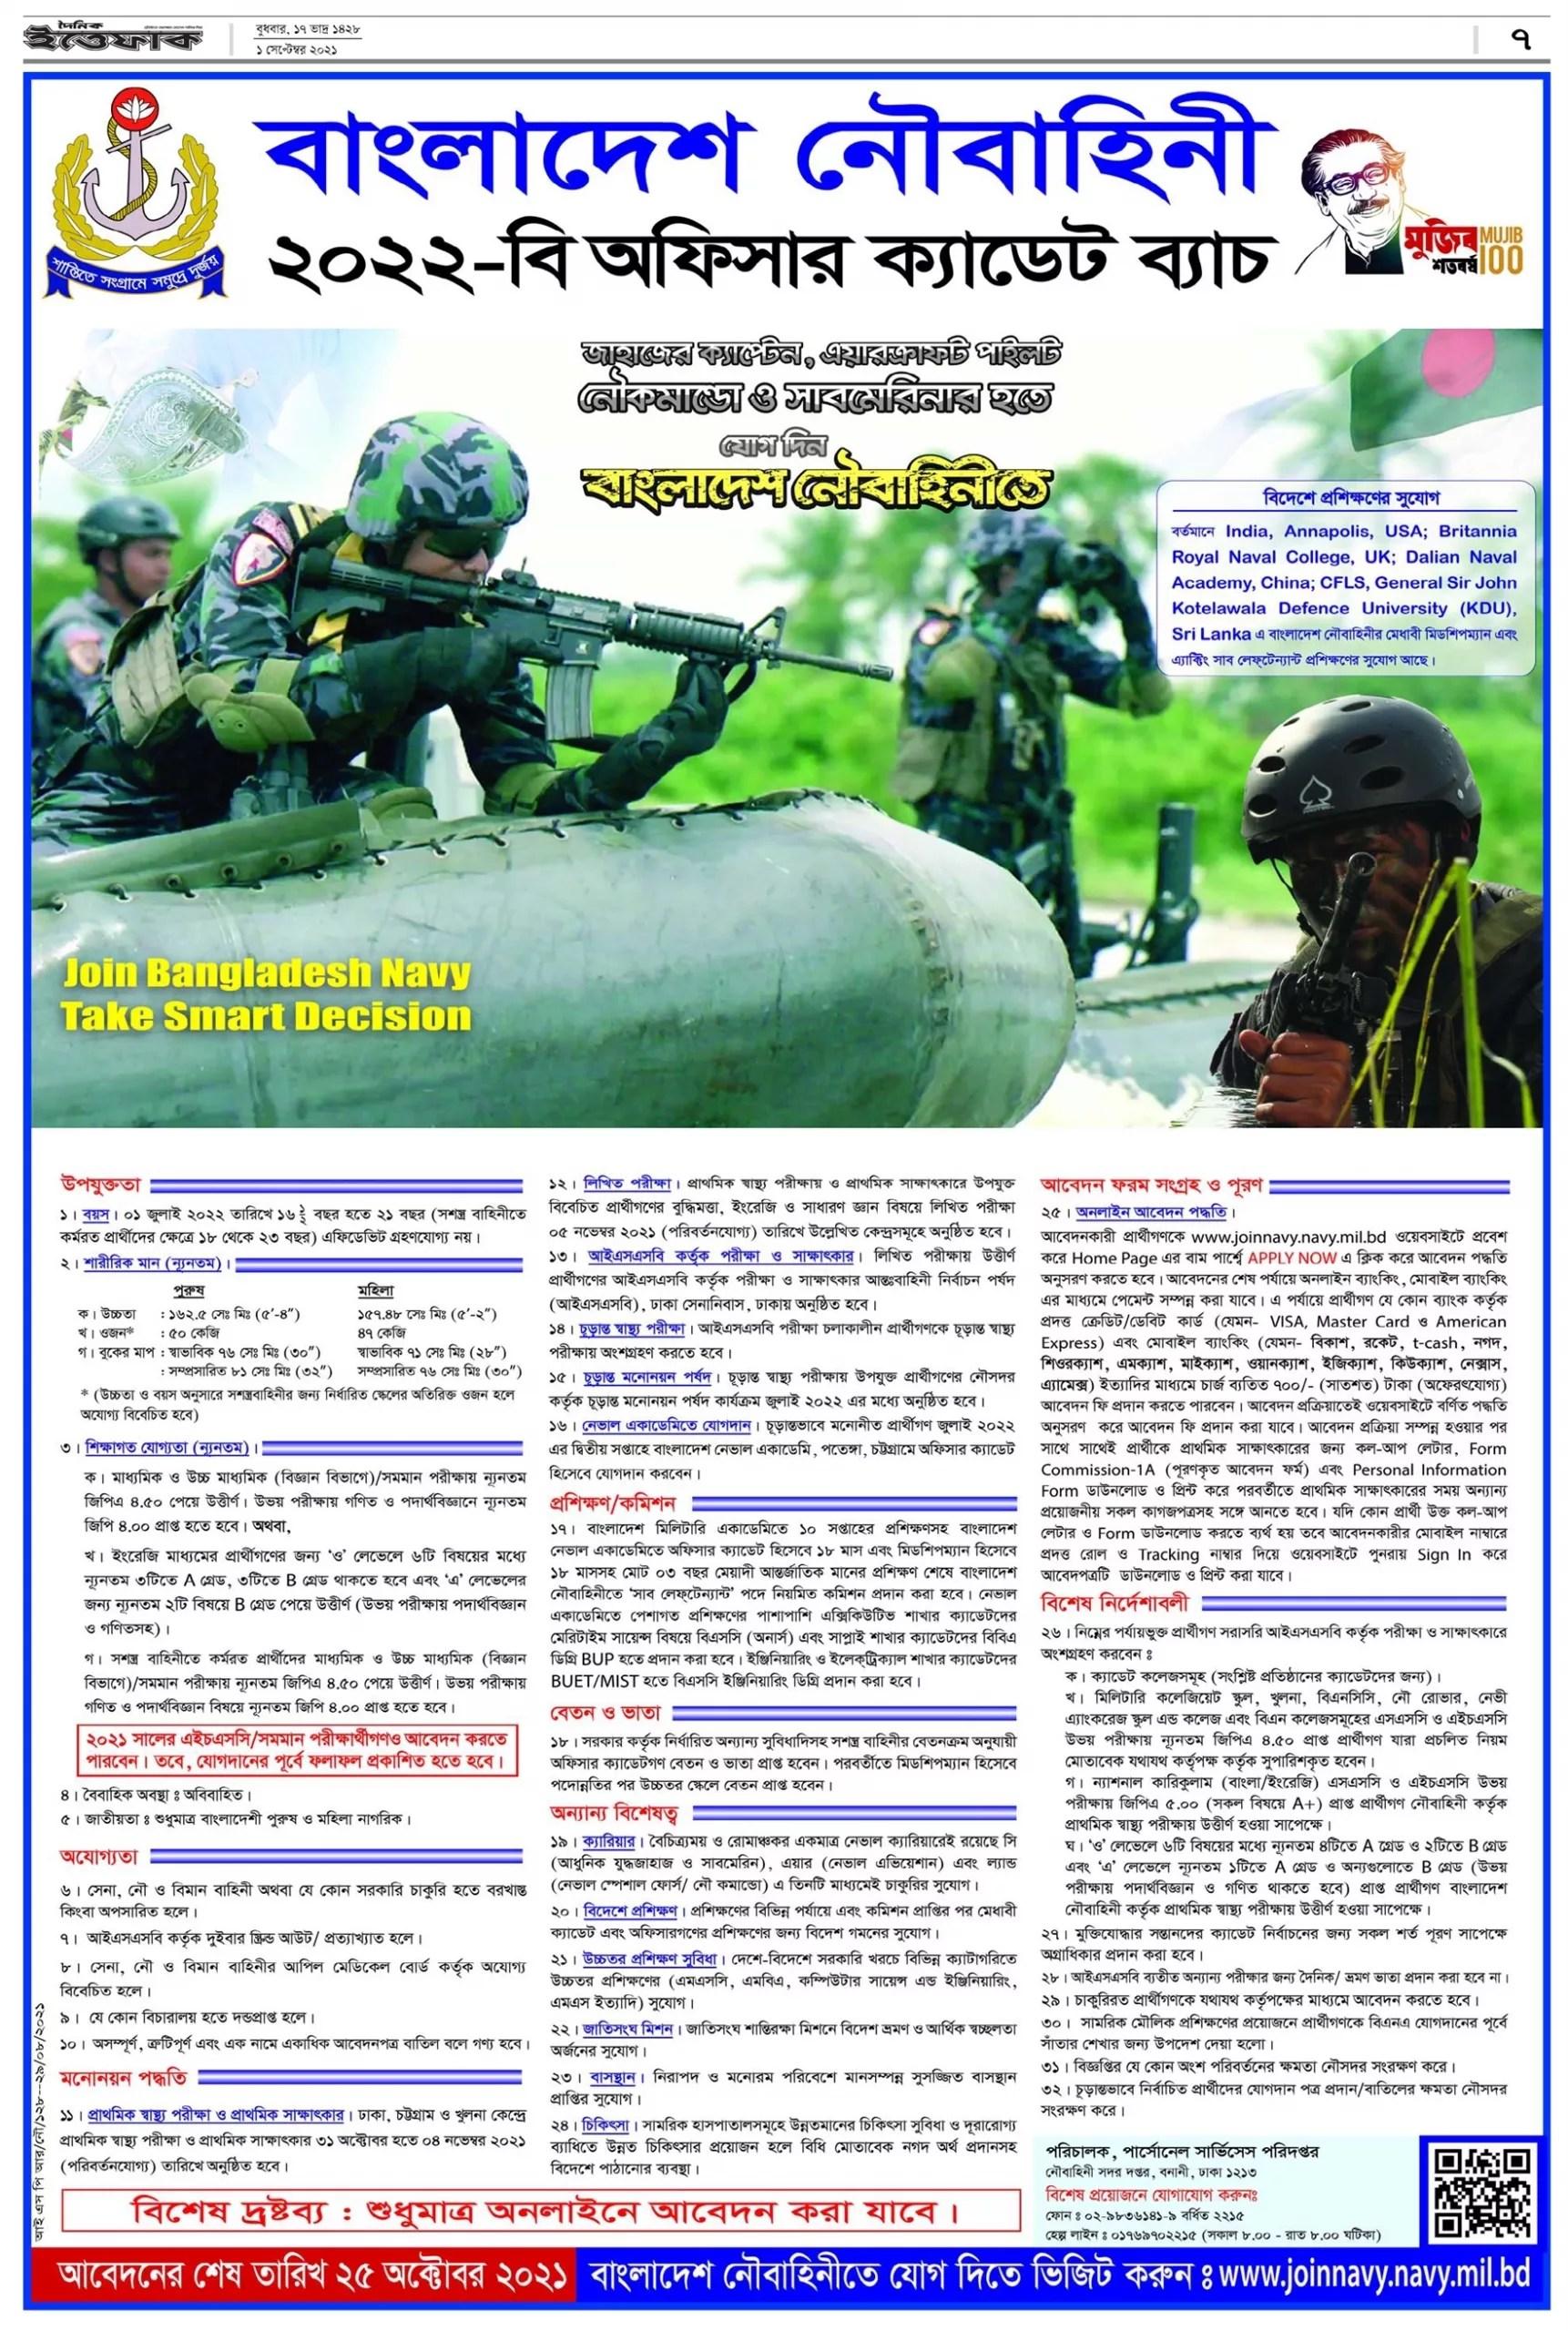 বাংলাদেশ নৌবাহিনী চাকরি নতুন নিয়োগ বিজ্ঞপ্তি প্রকাশ